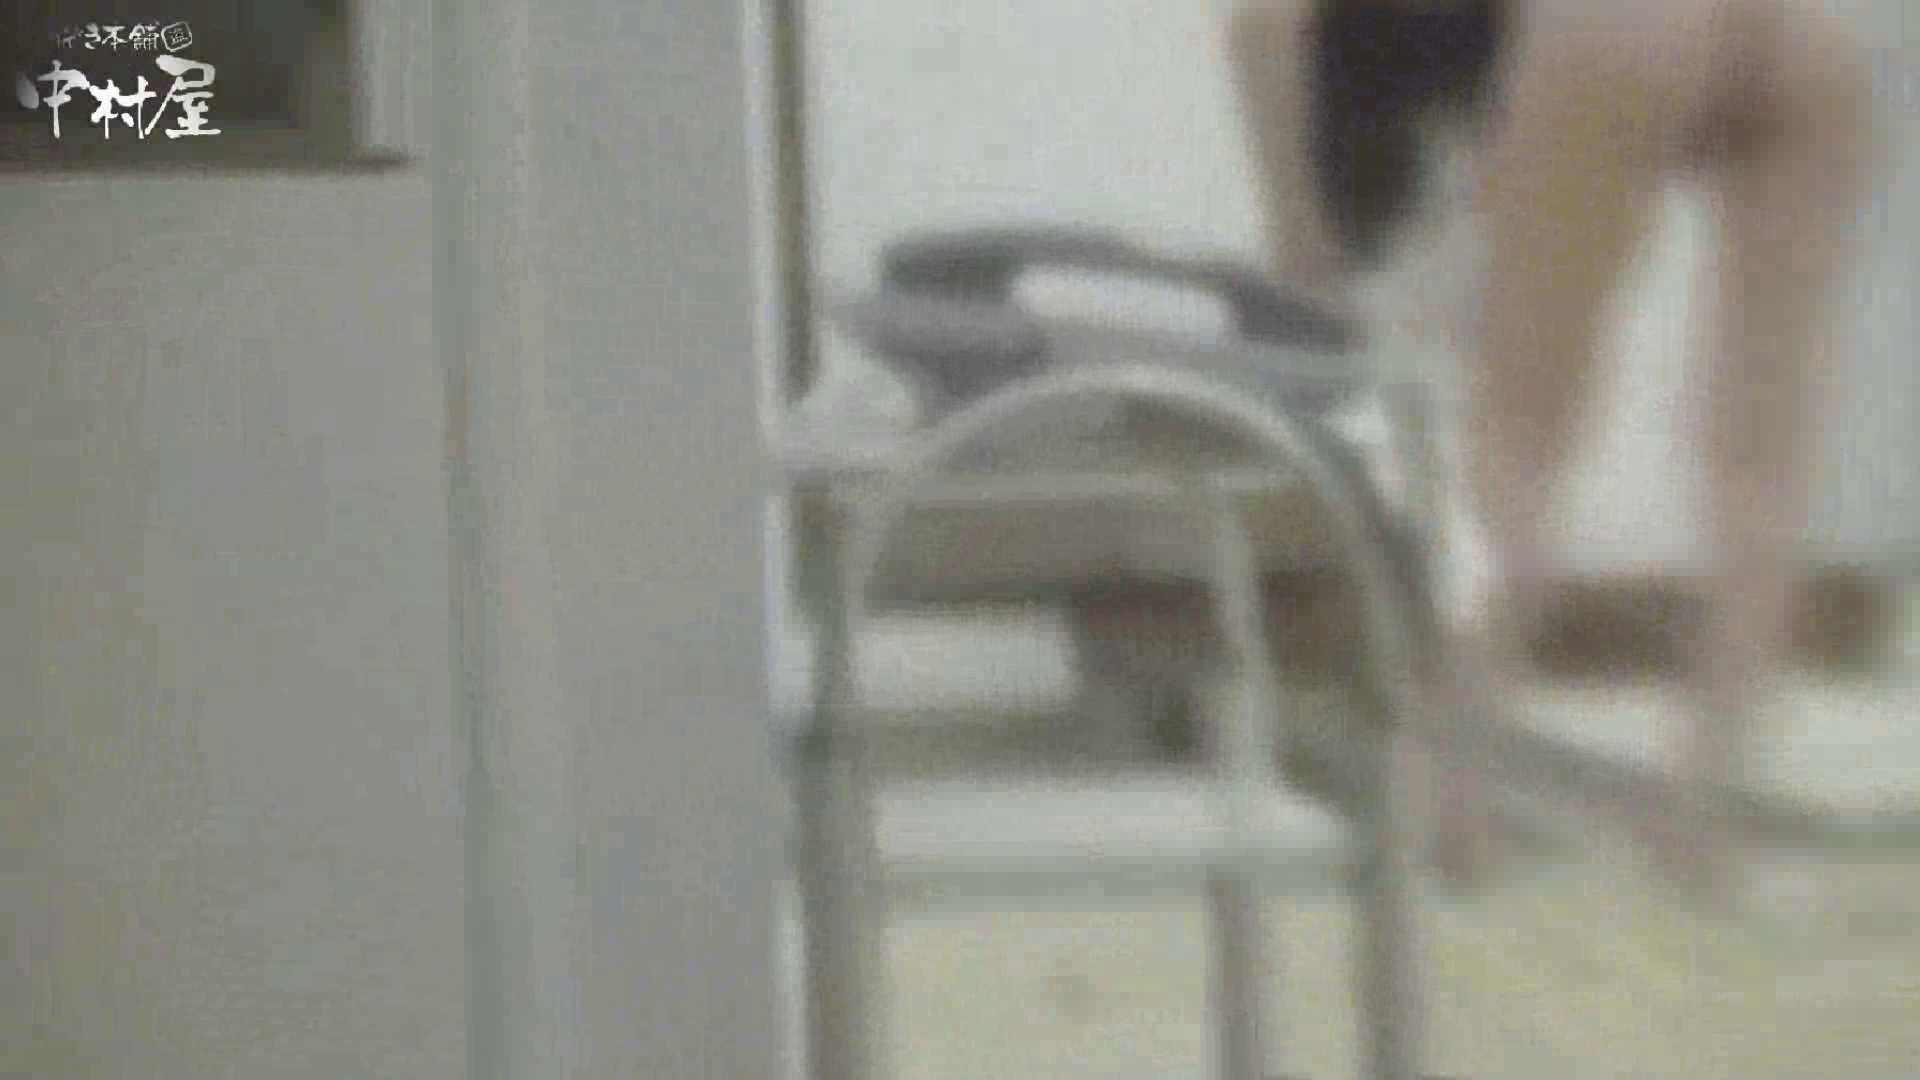 民家風呂専門盗撮師の超危険映像 vol.009 美女ヌード AV動画キャプチャ 104画像 104